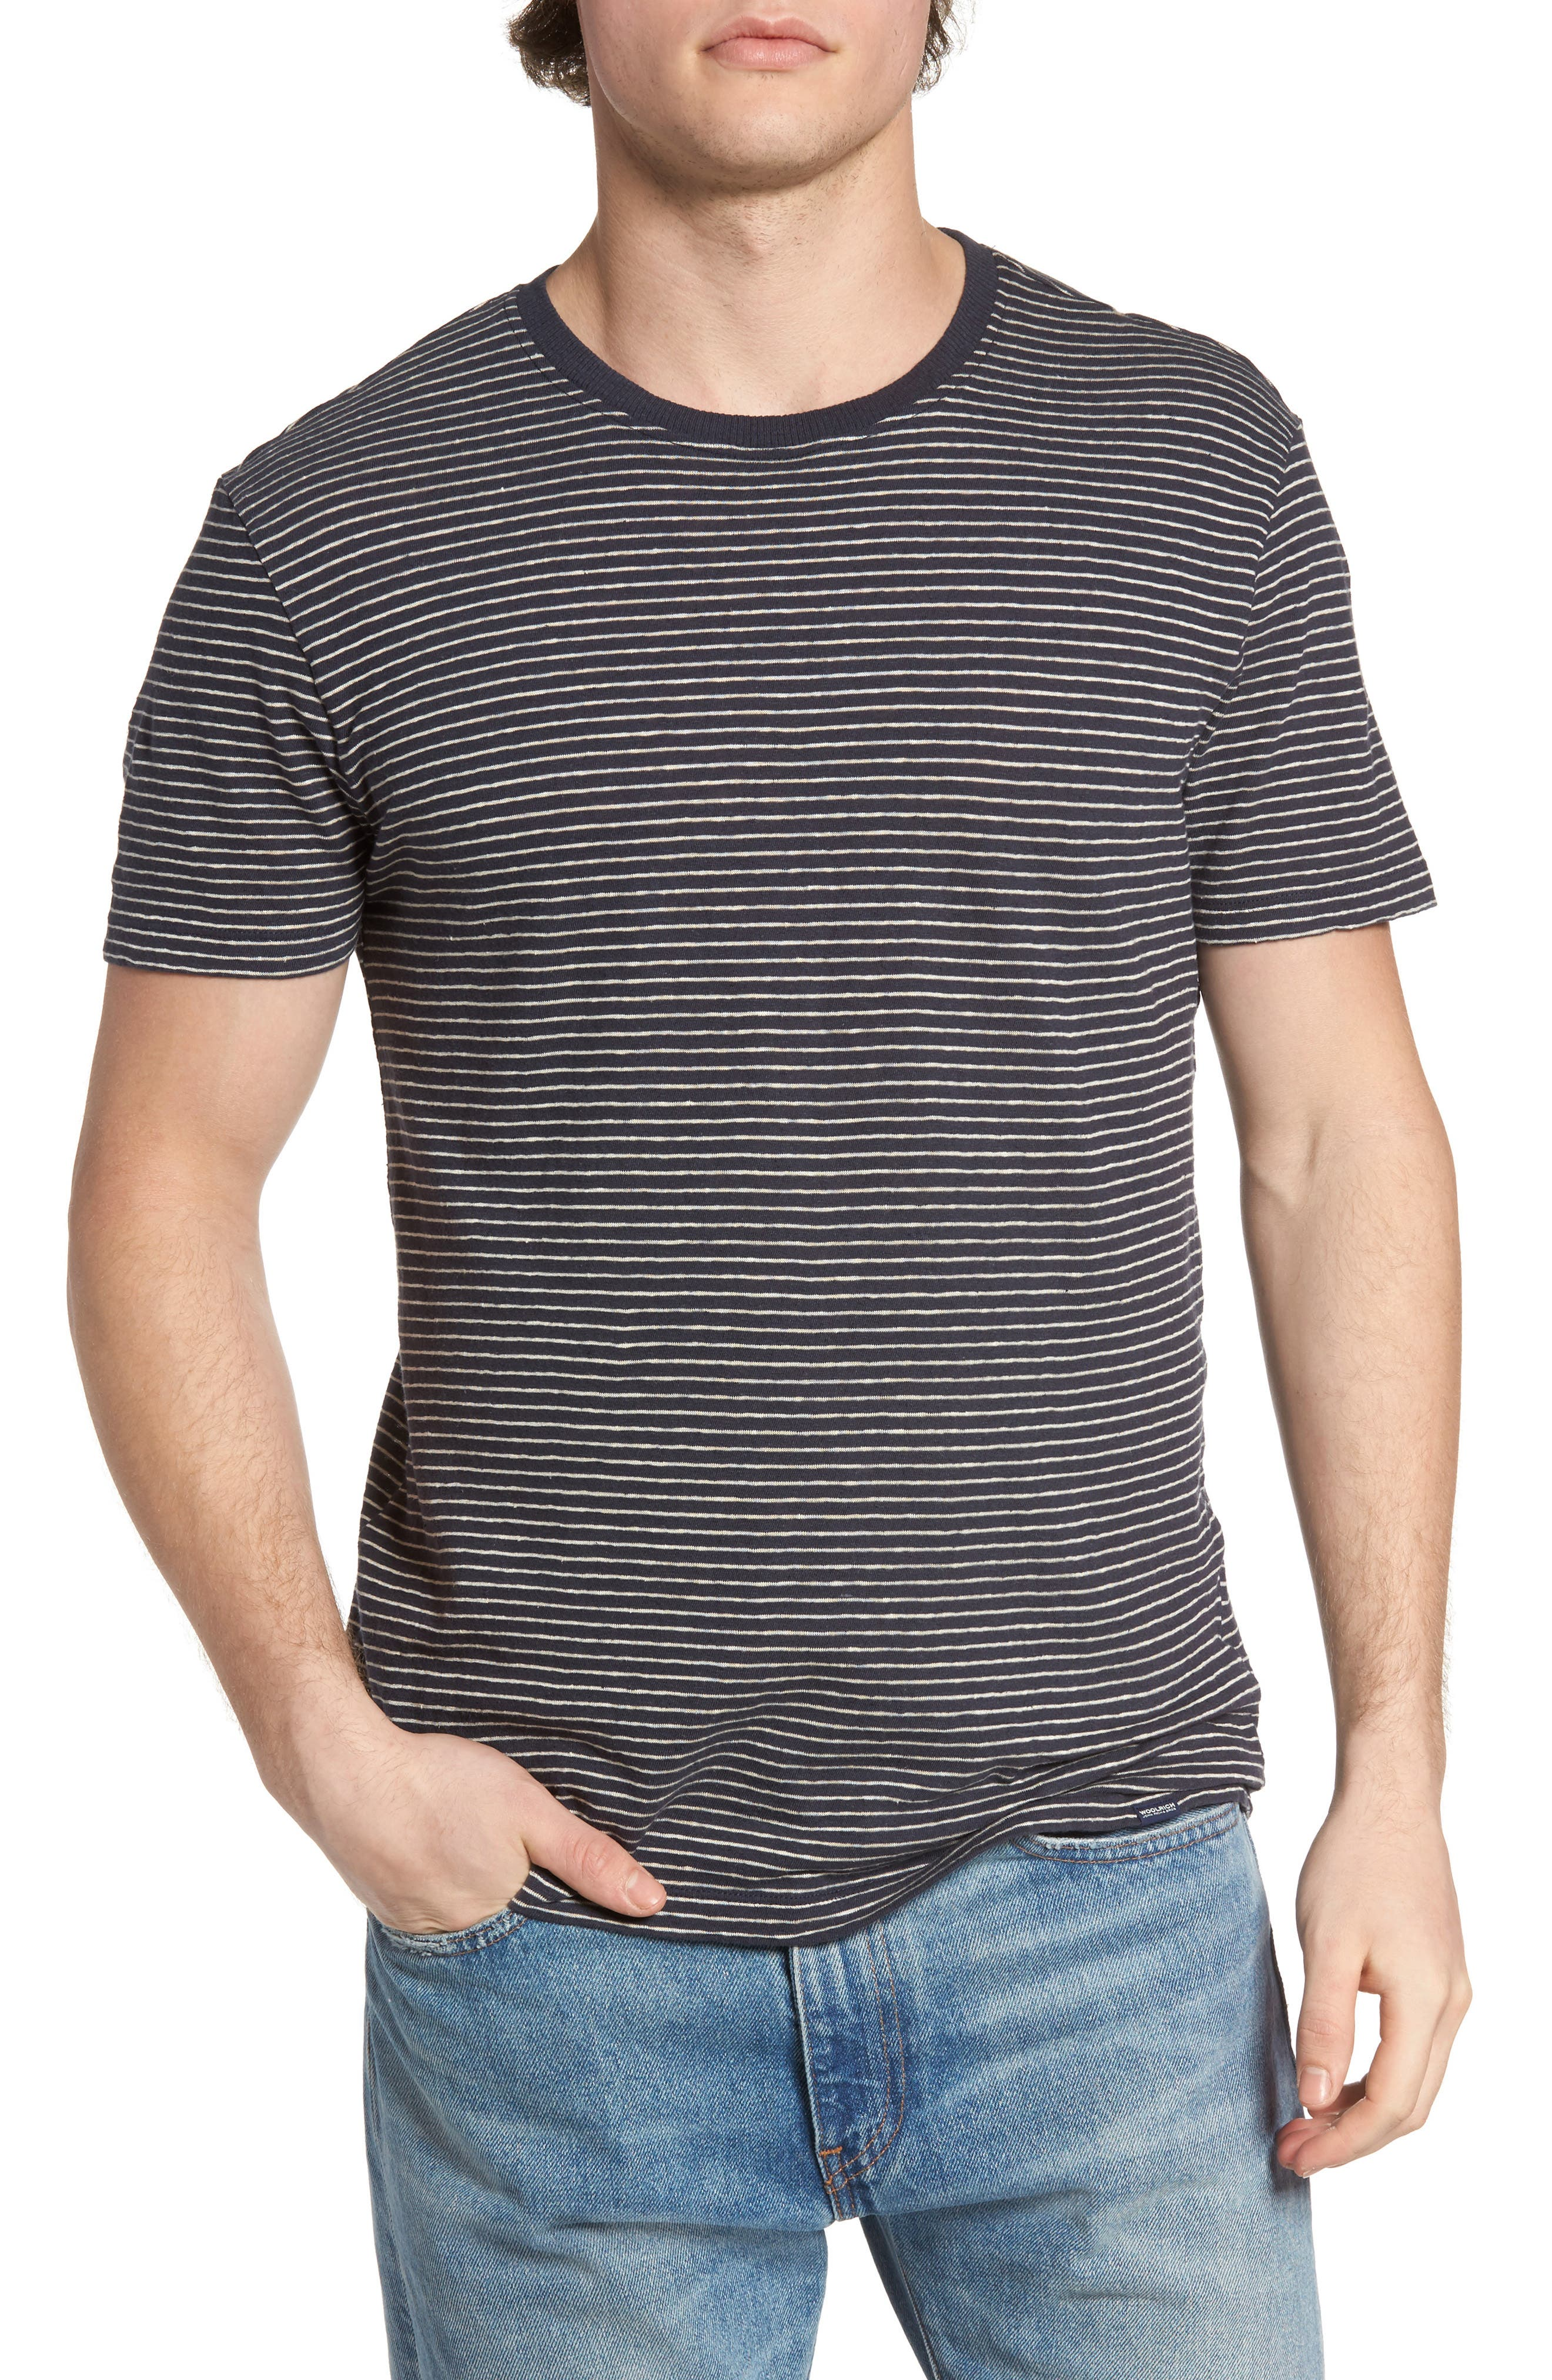 Main Image - Woolrich John Rich Stripe Cotton & Linen T-Shirt